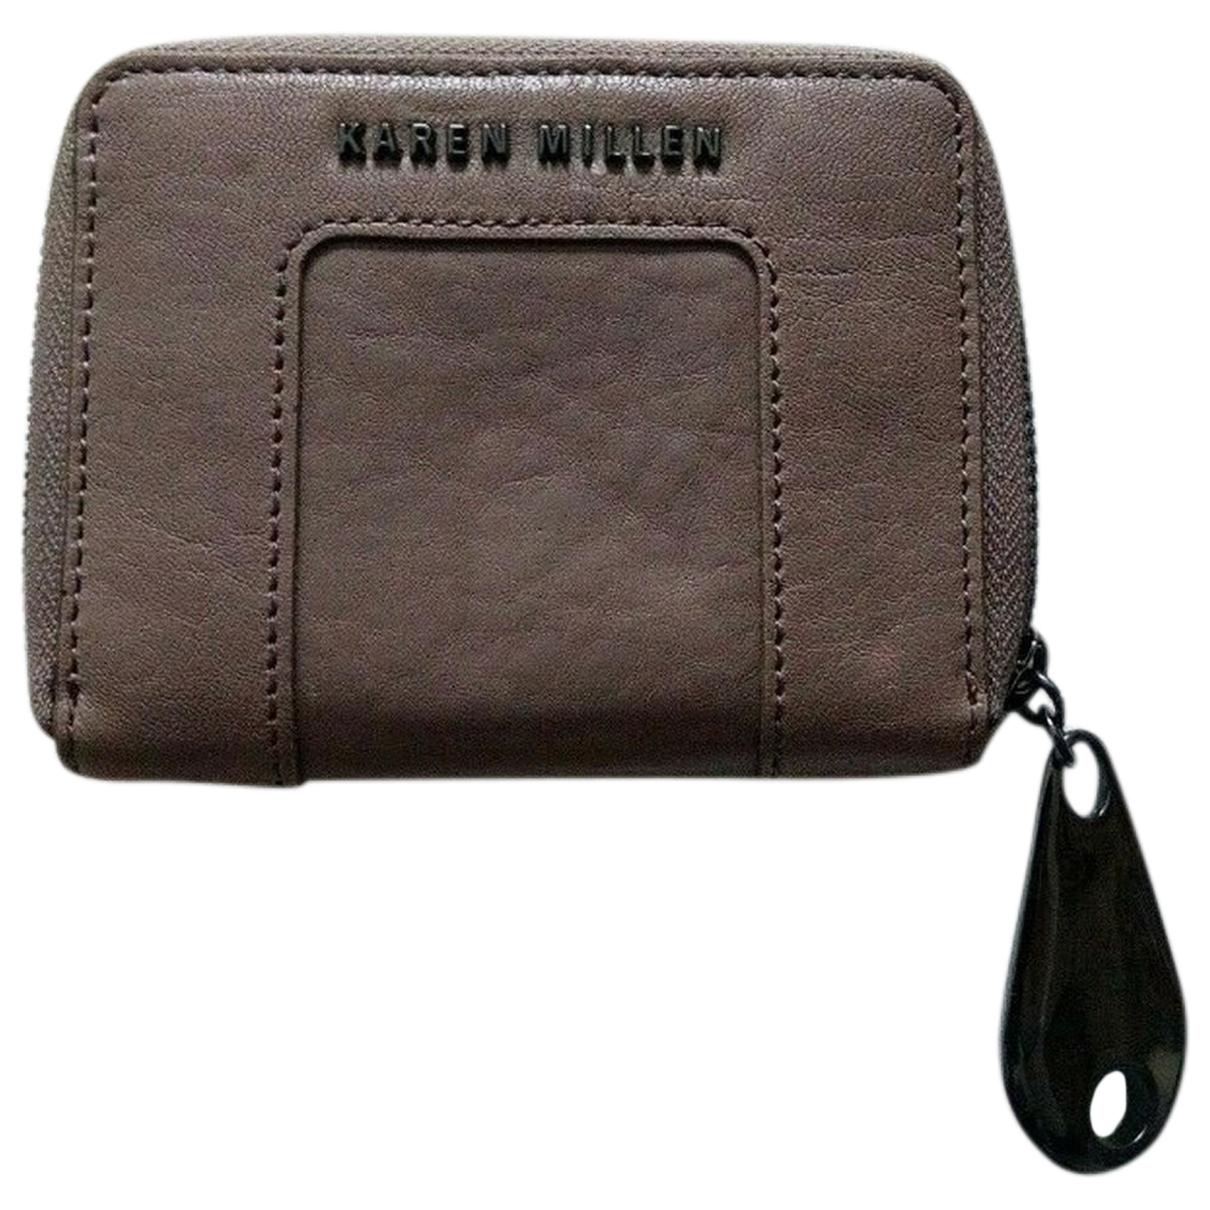 Karen Millen \N Handtasche in  Braun Leder